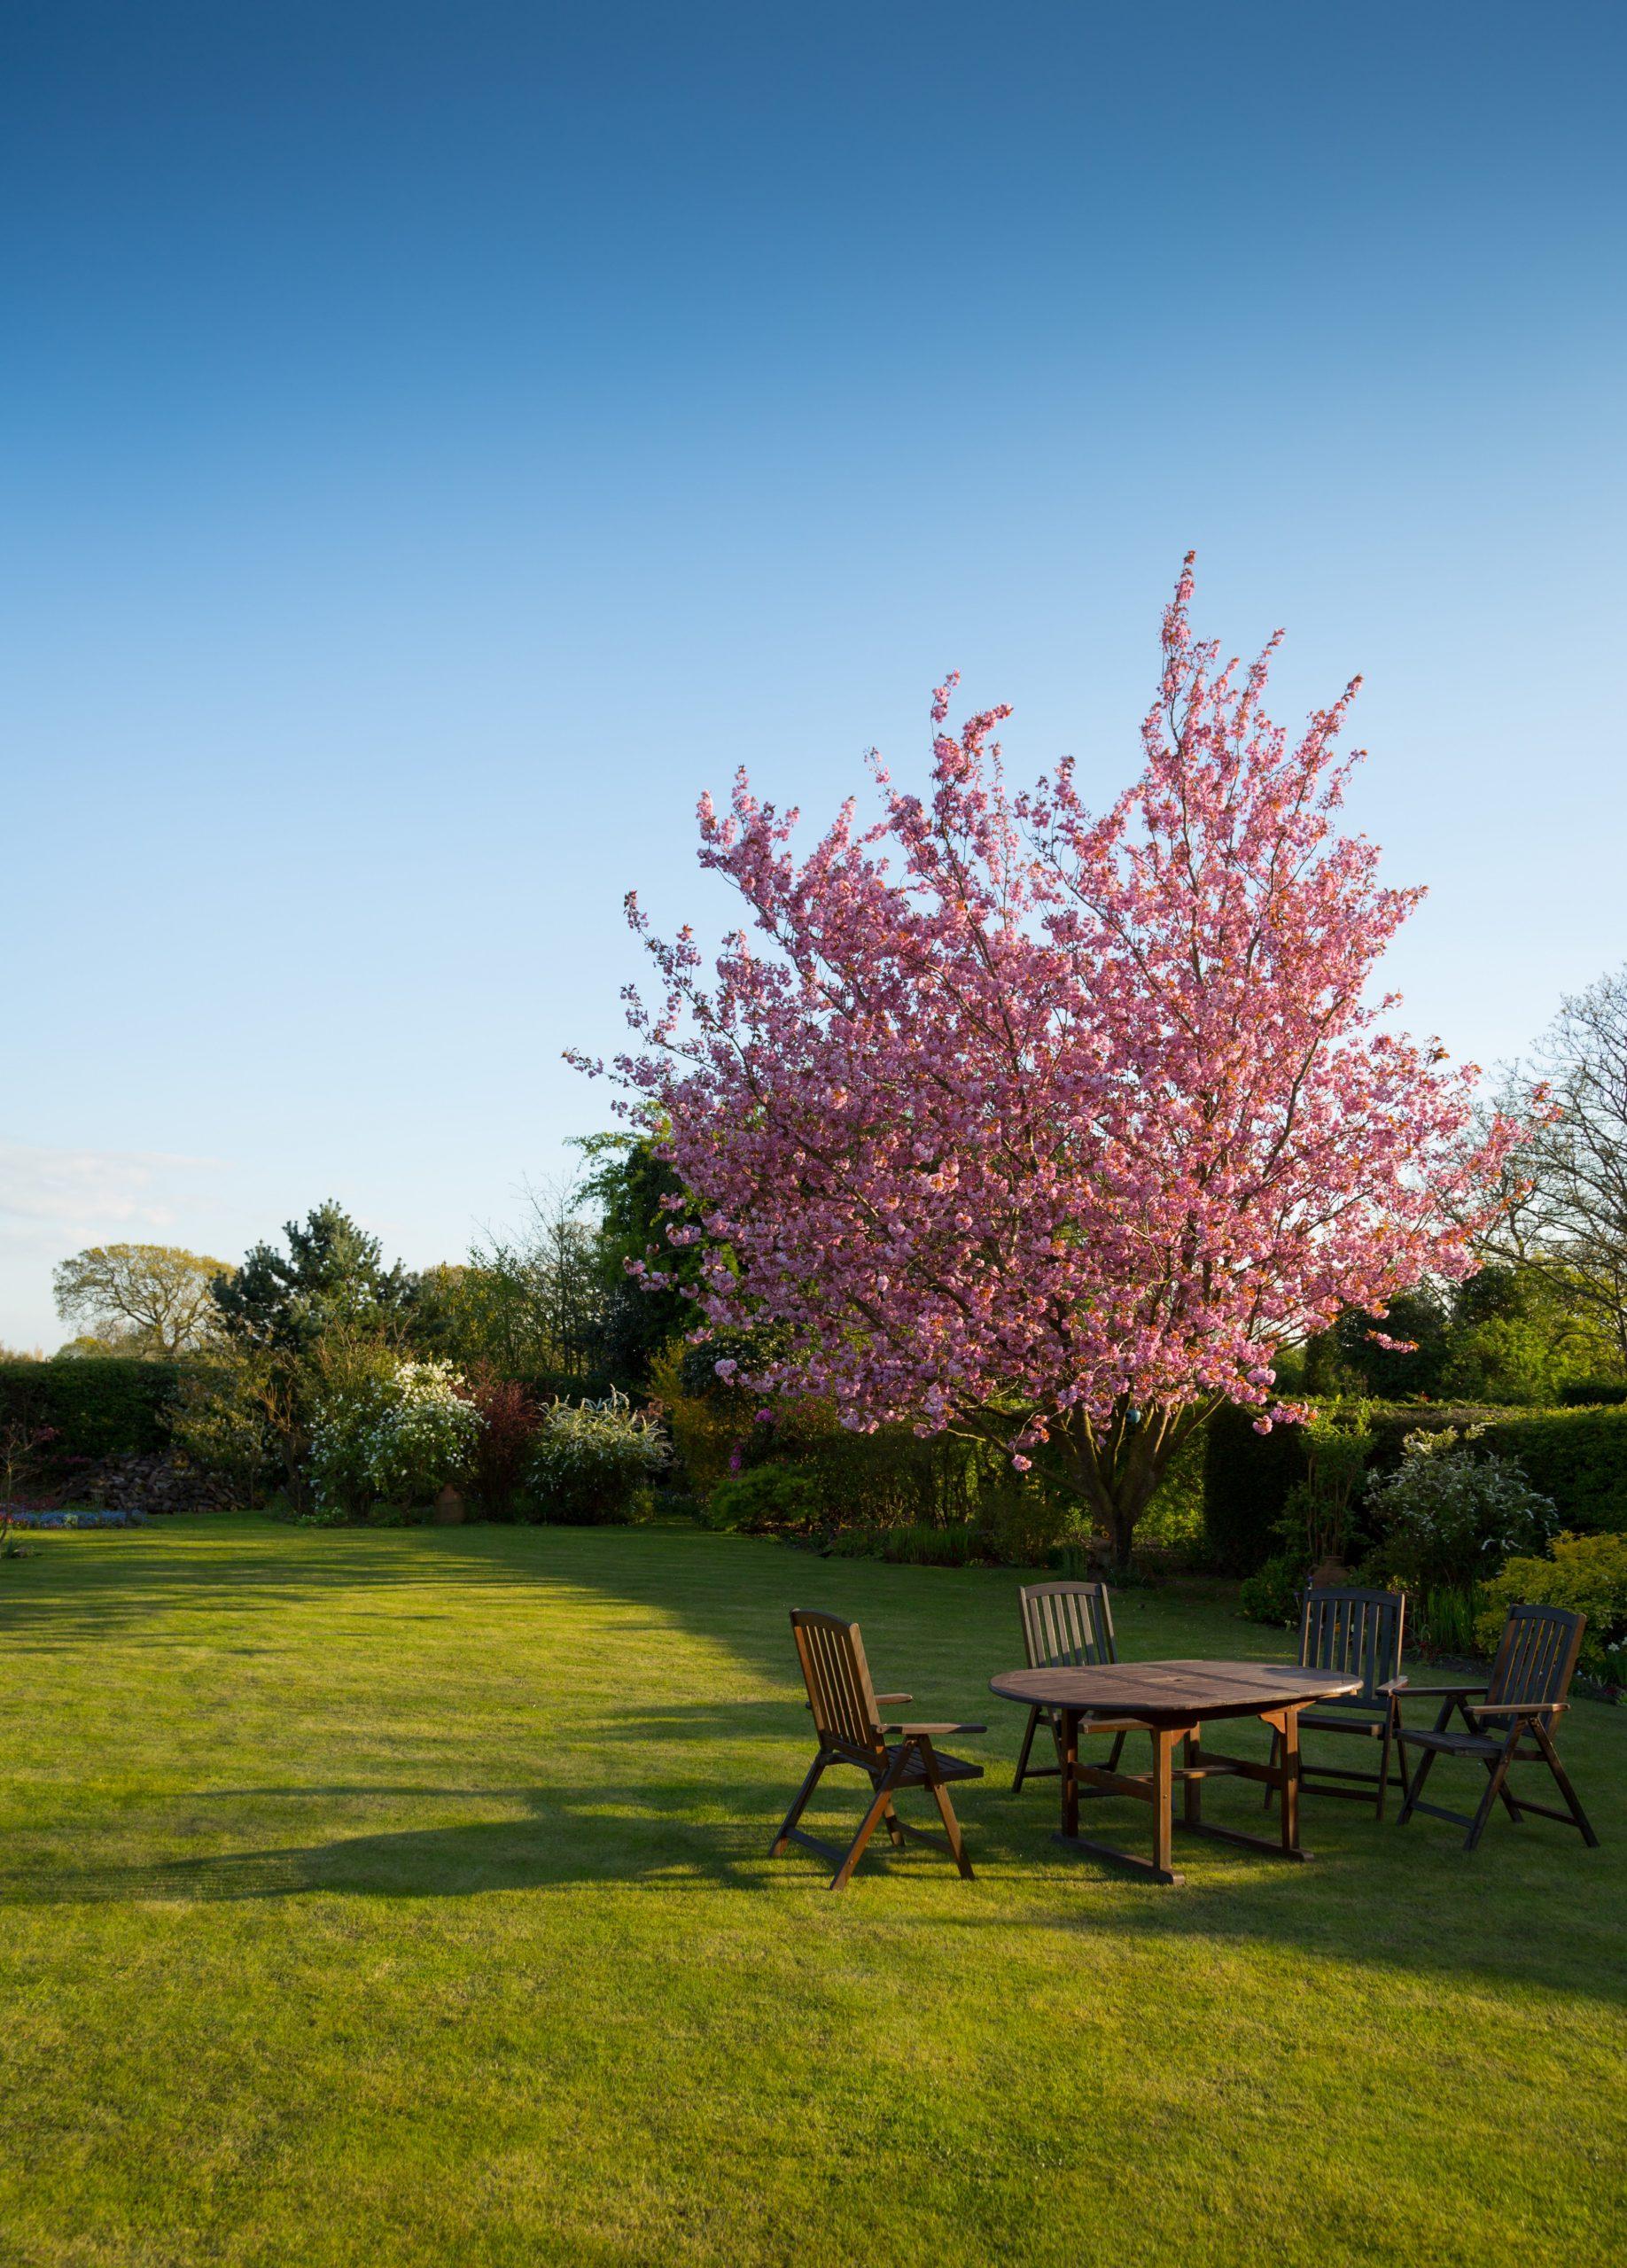 Merită să aleg mobilier de lemn pentru grădină?